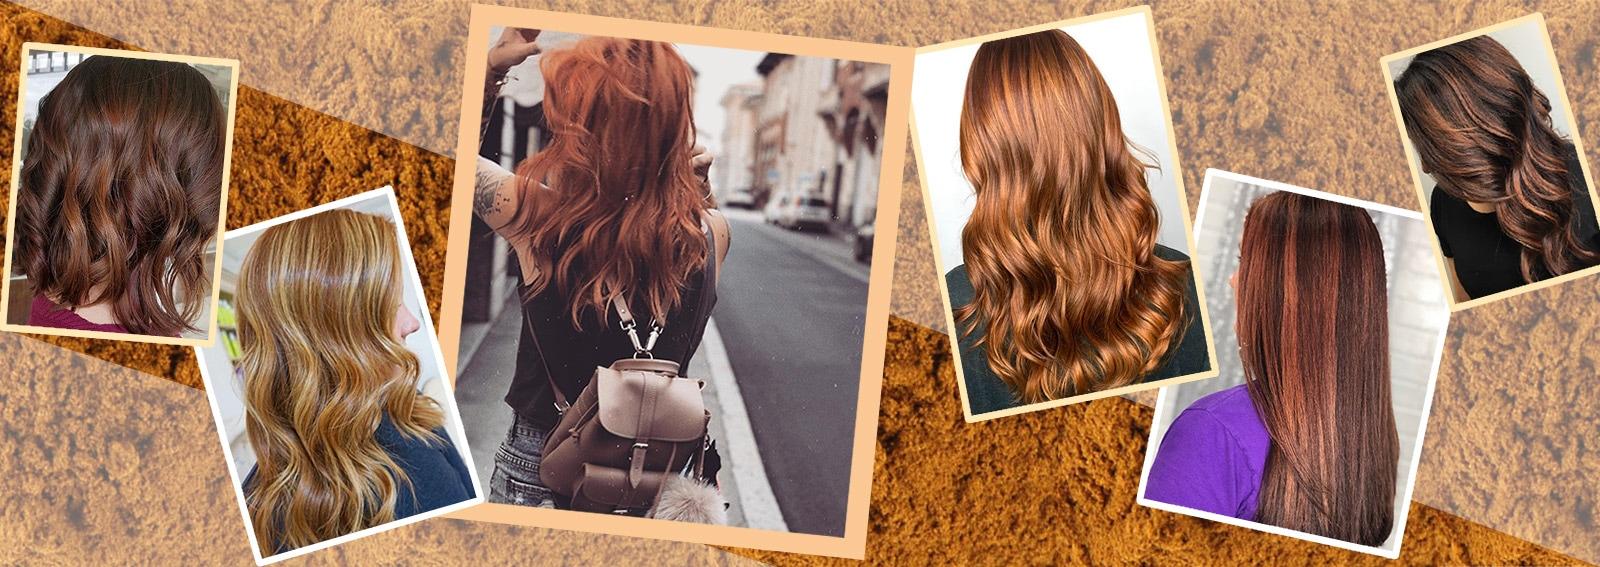 Cinnamon Hair la tinta capelli color cannella più hot del momento collage_desktop